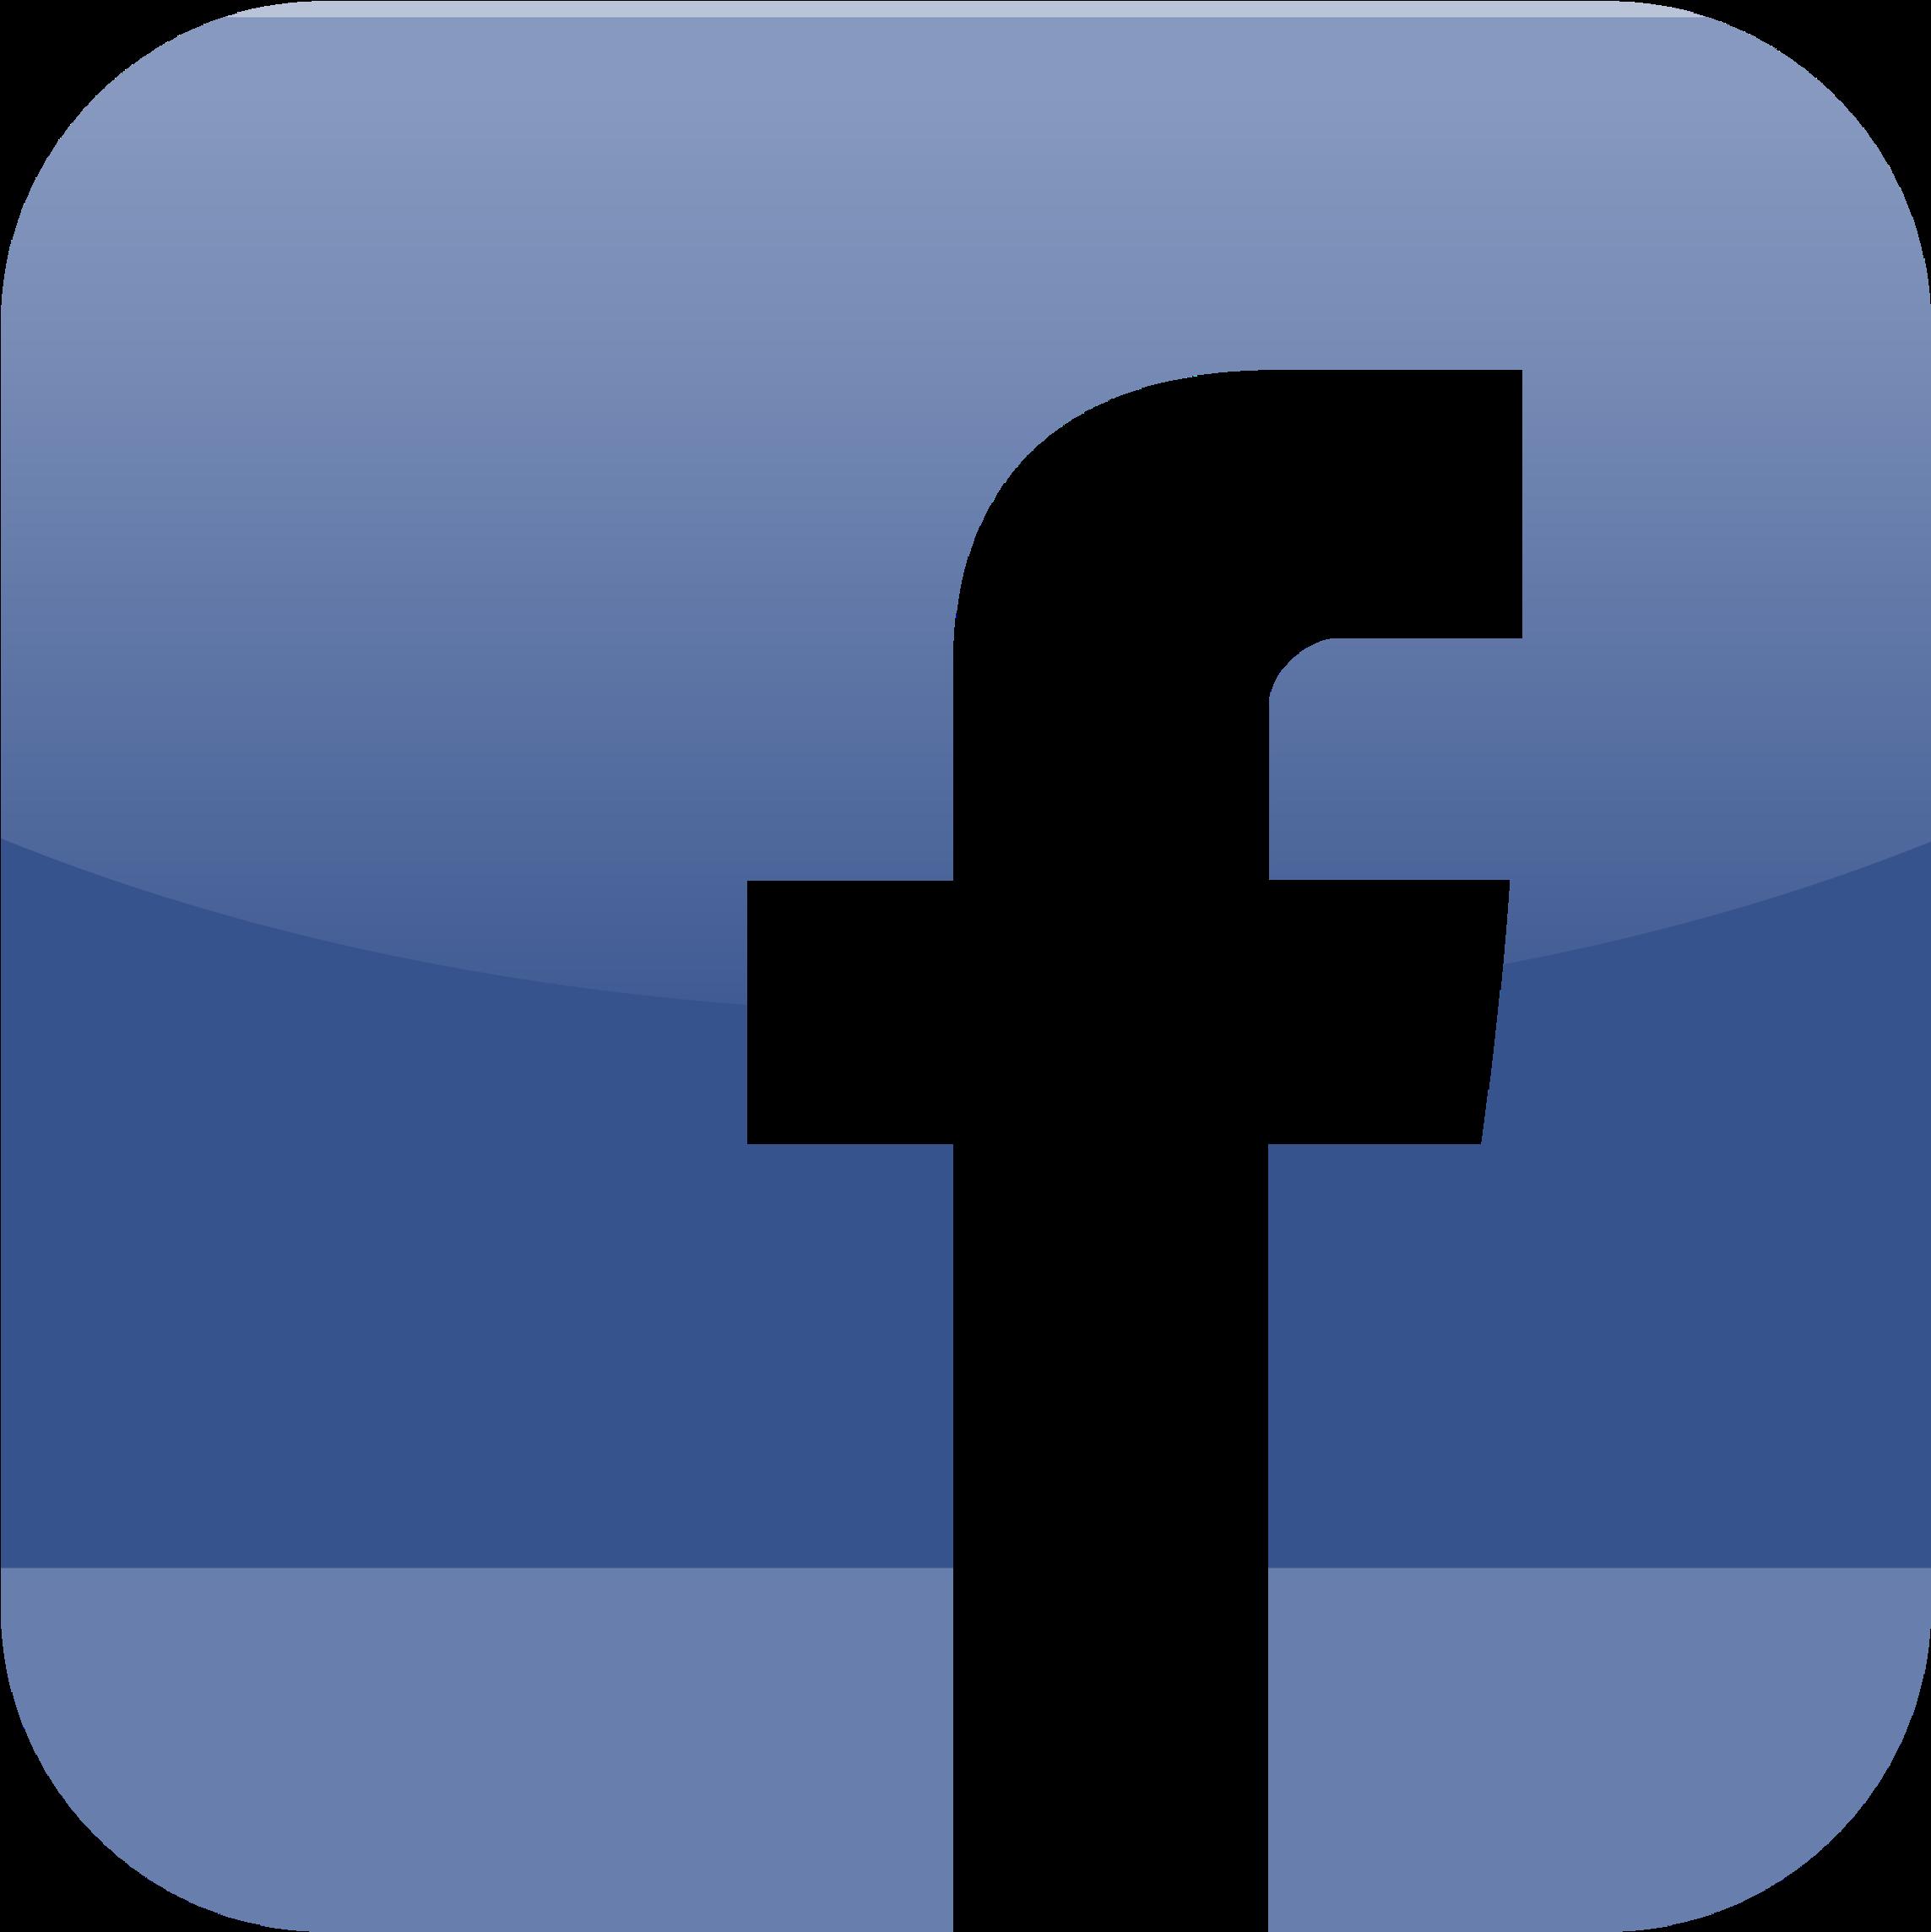 HD Facebook Logo Logos De Marcas.